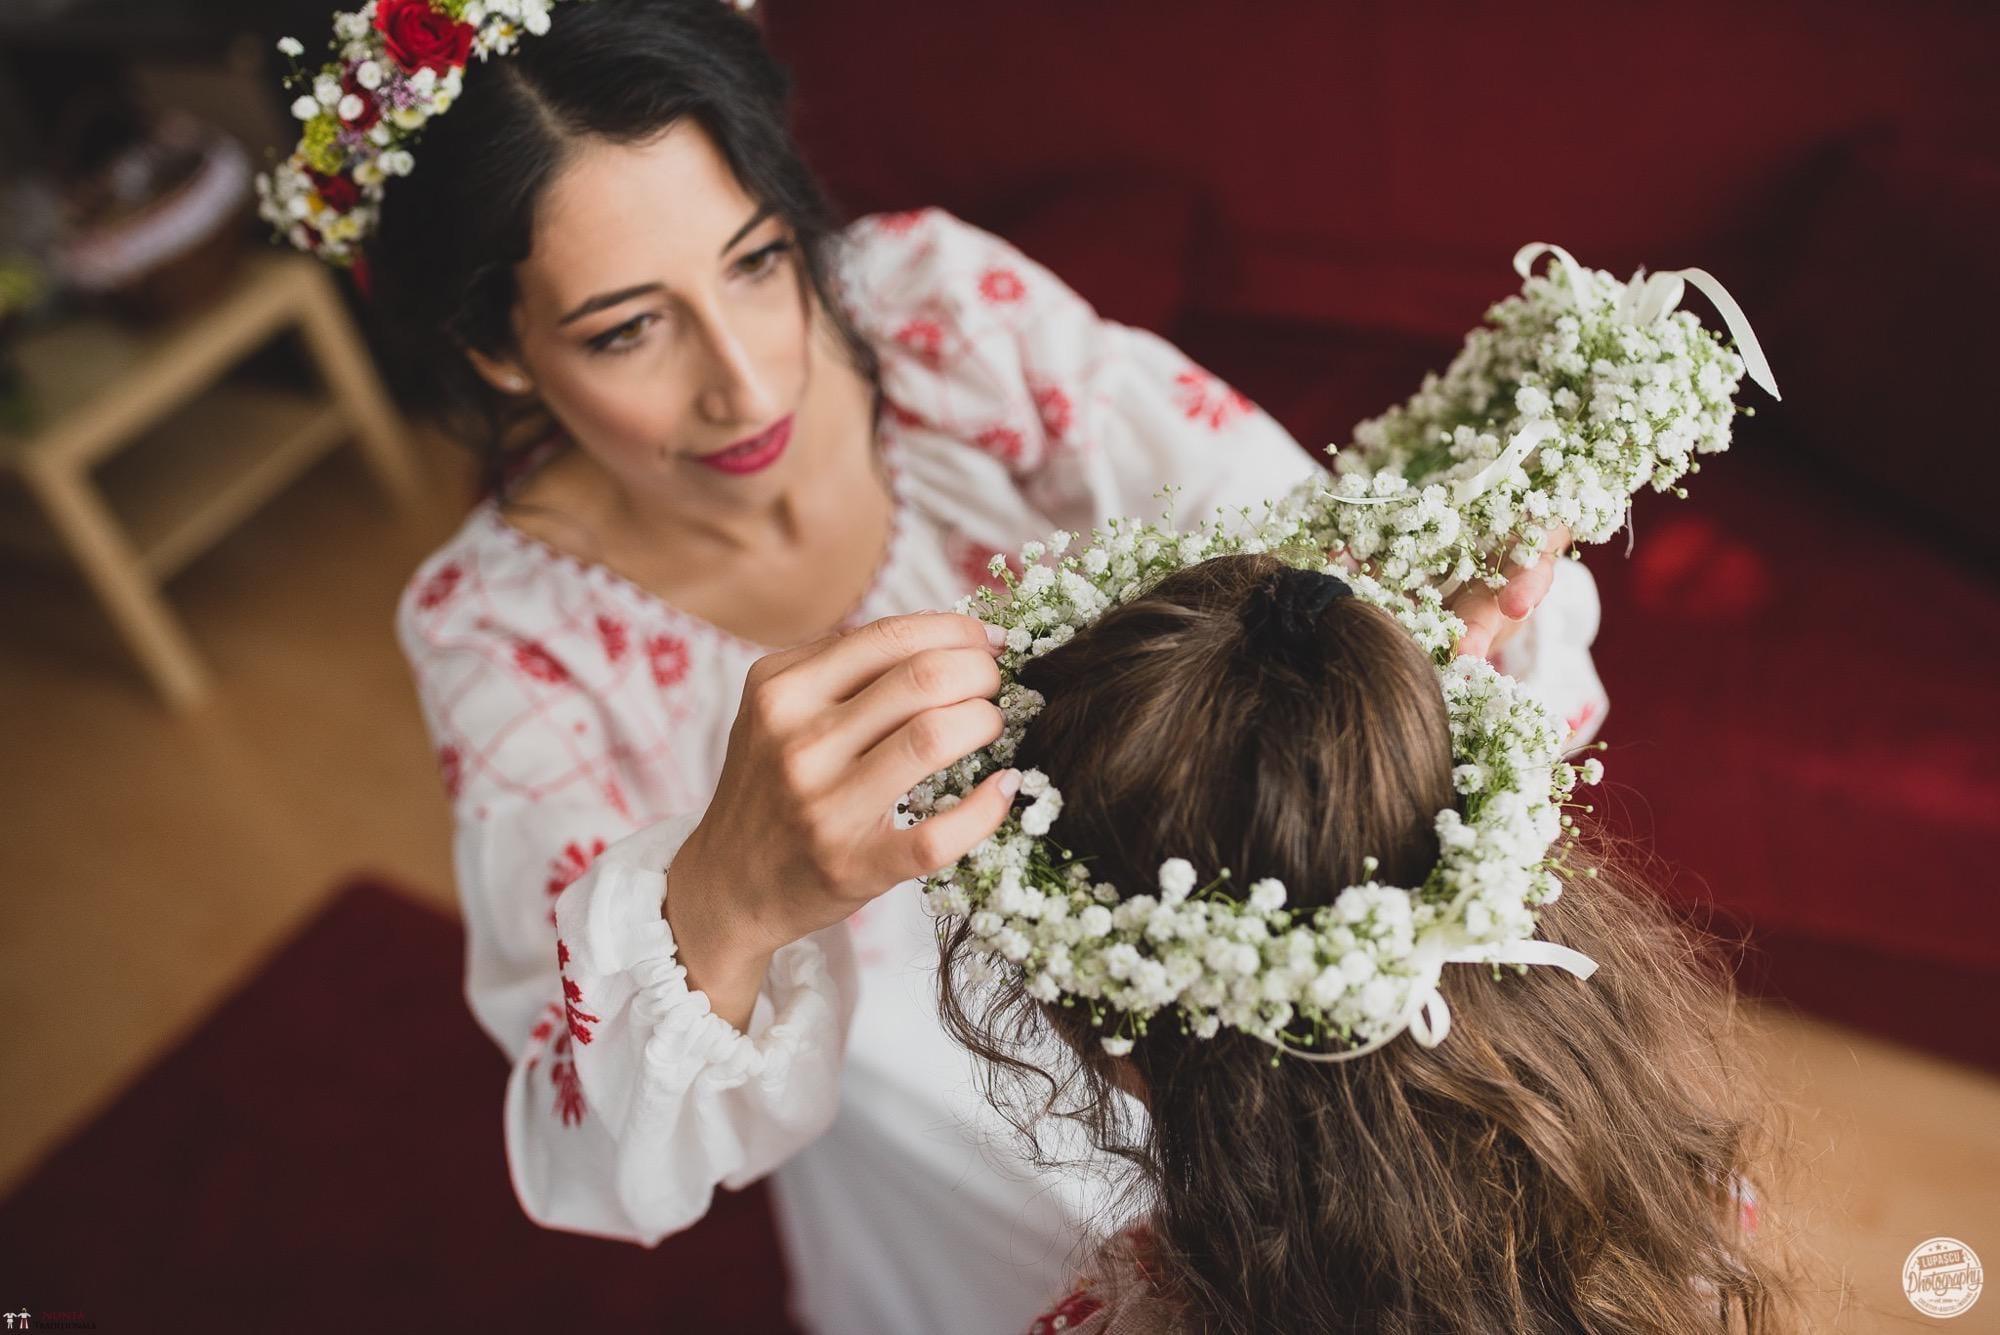 Povești Nunți Tradiționale - Georgiana și Adrian. Nuntă tradițională în București. 14